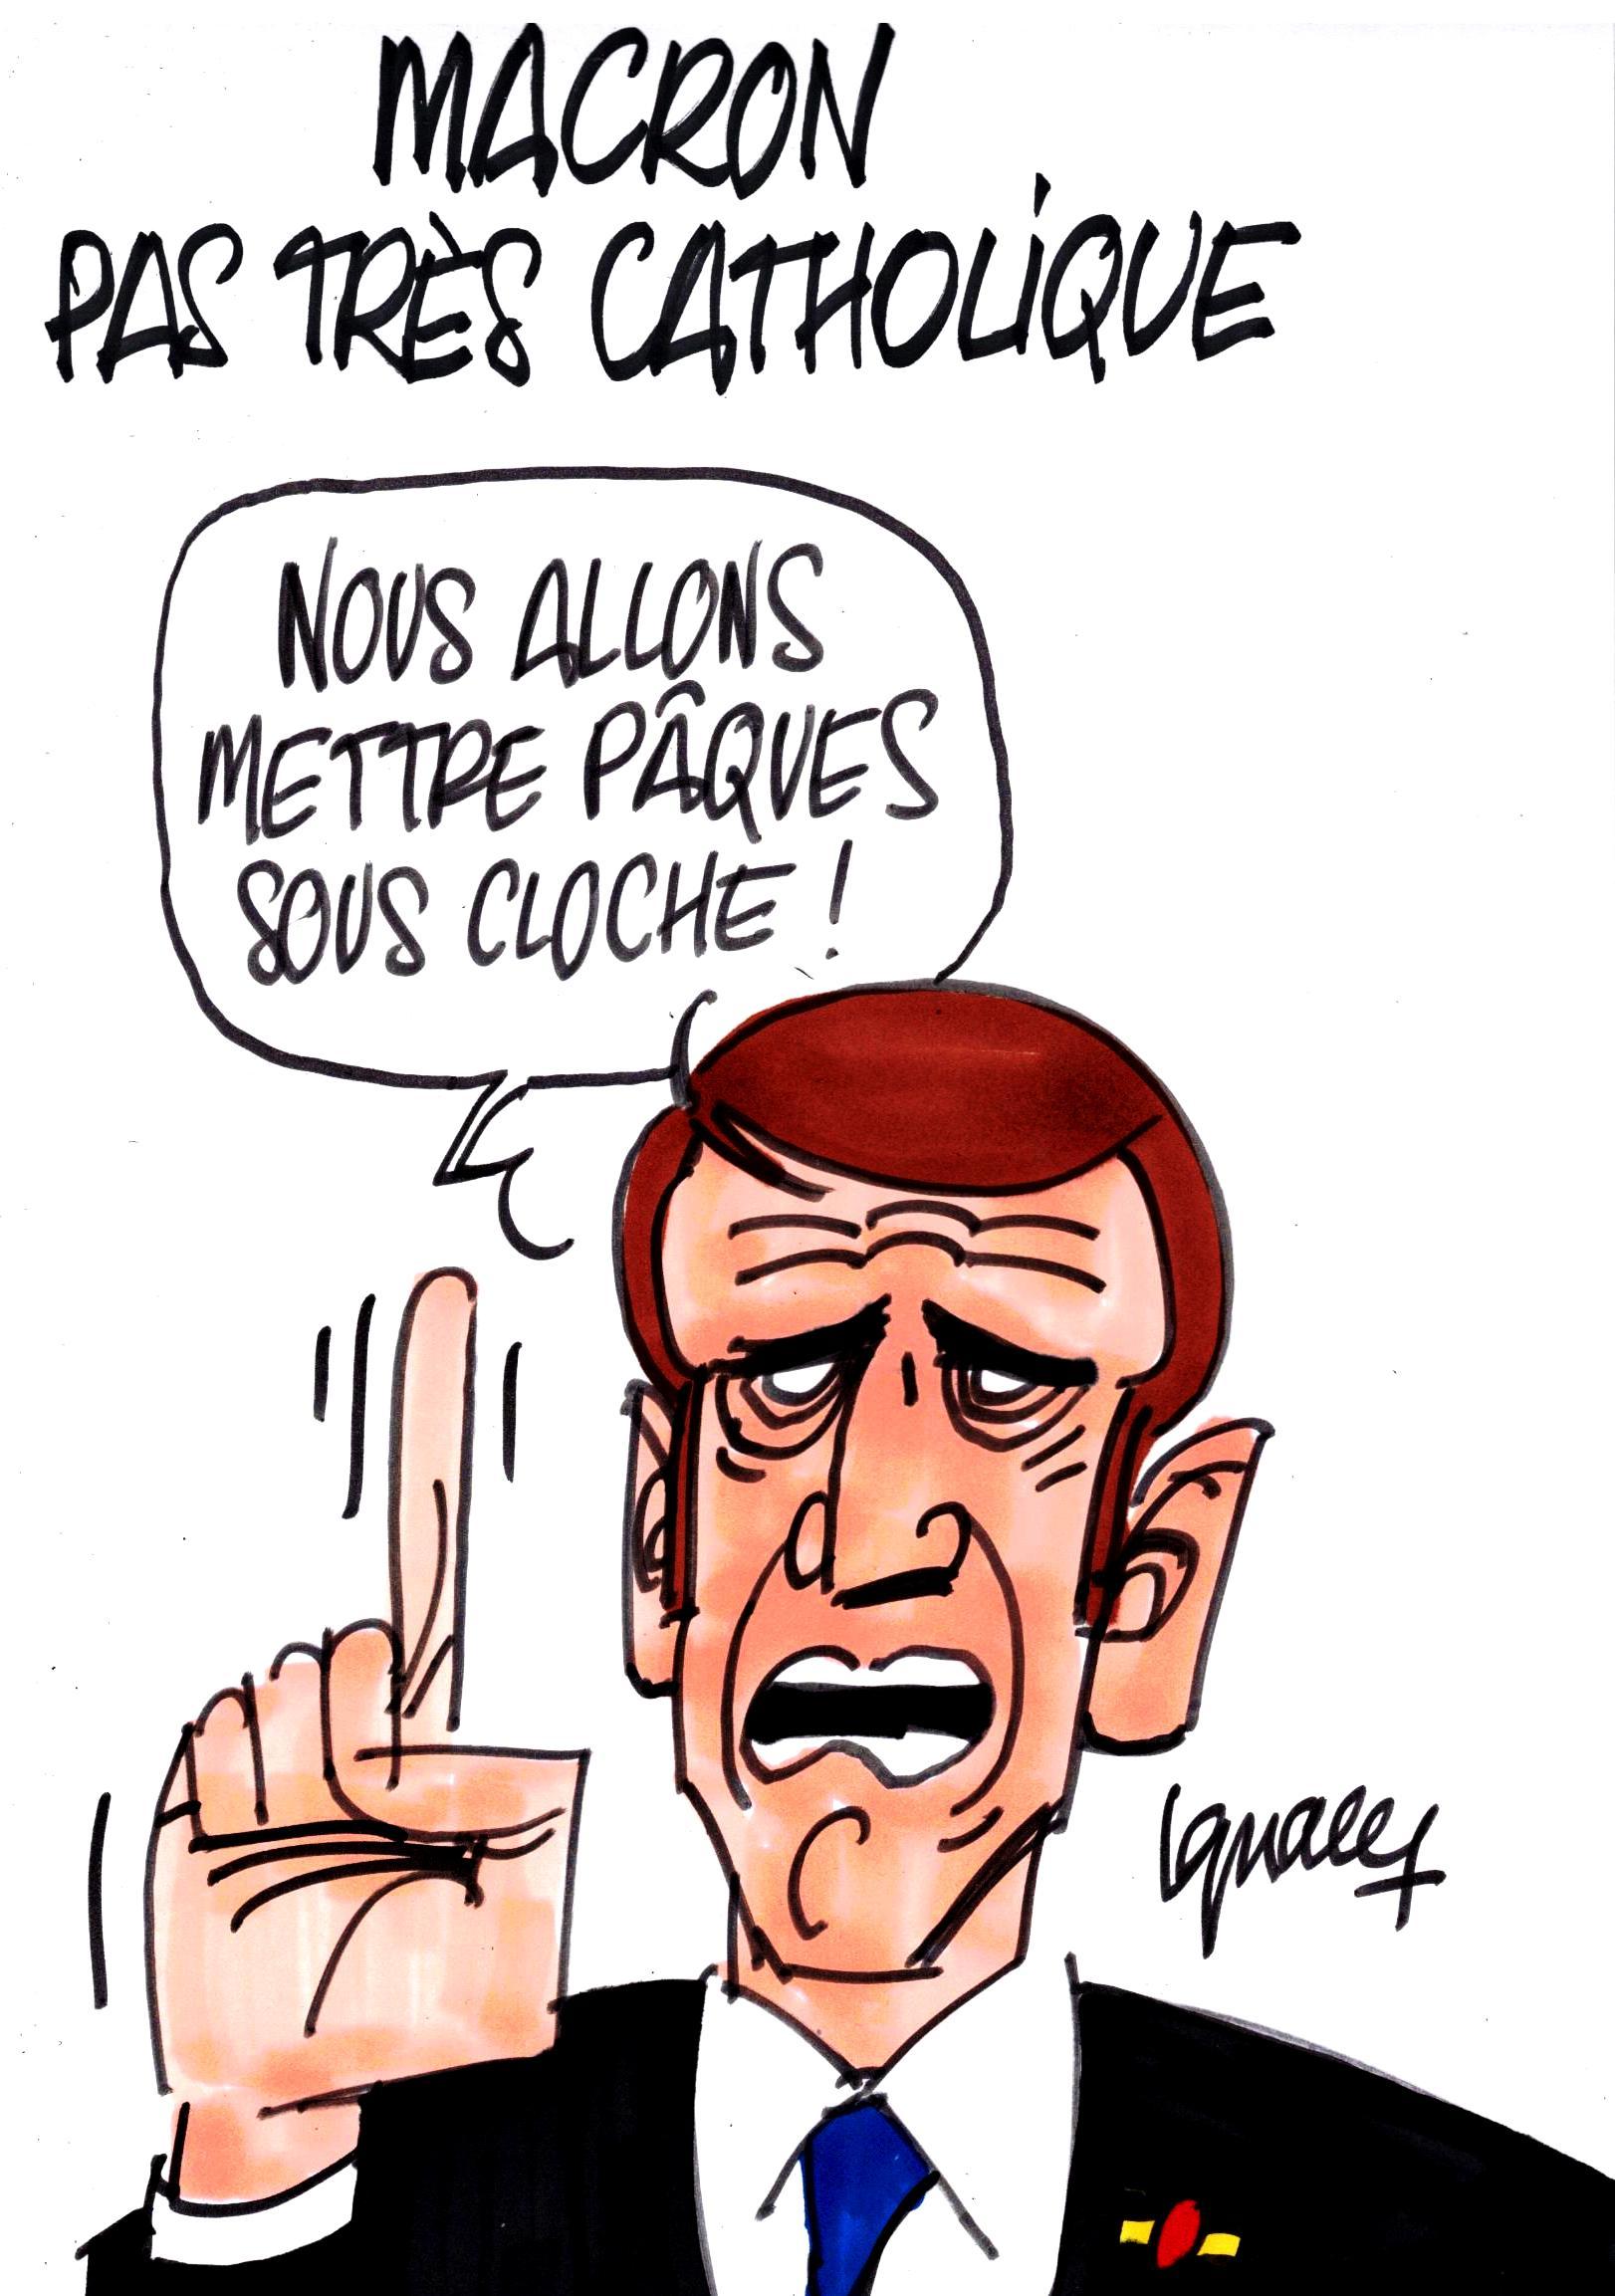 Ignace - Macron pas très catholique